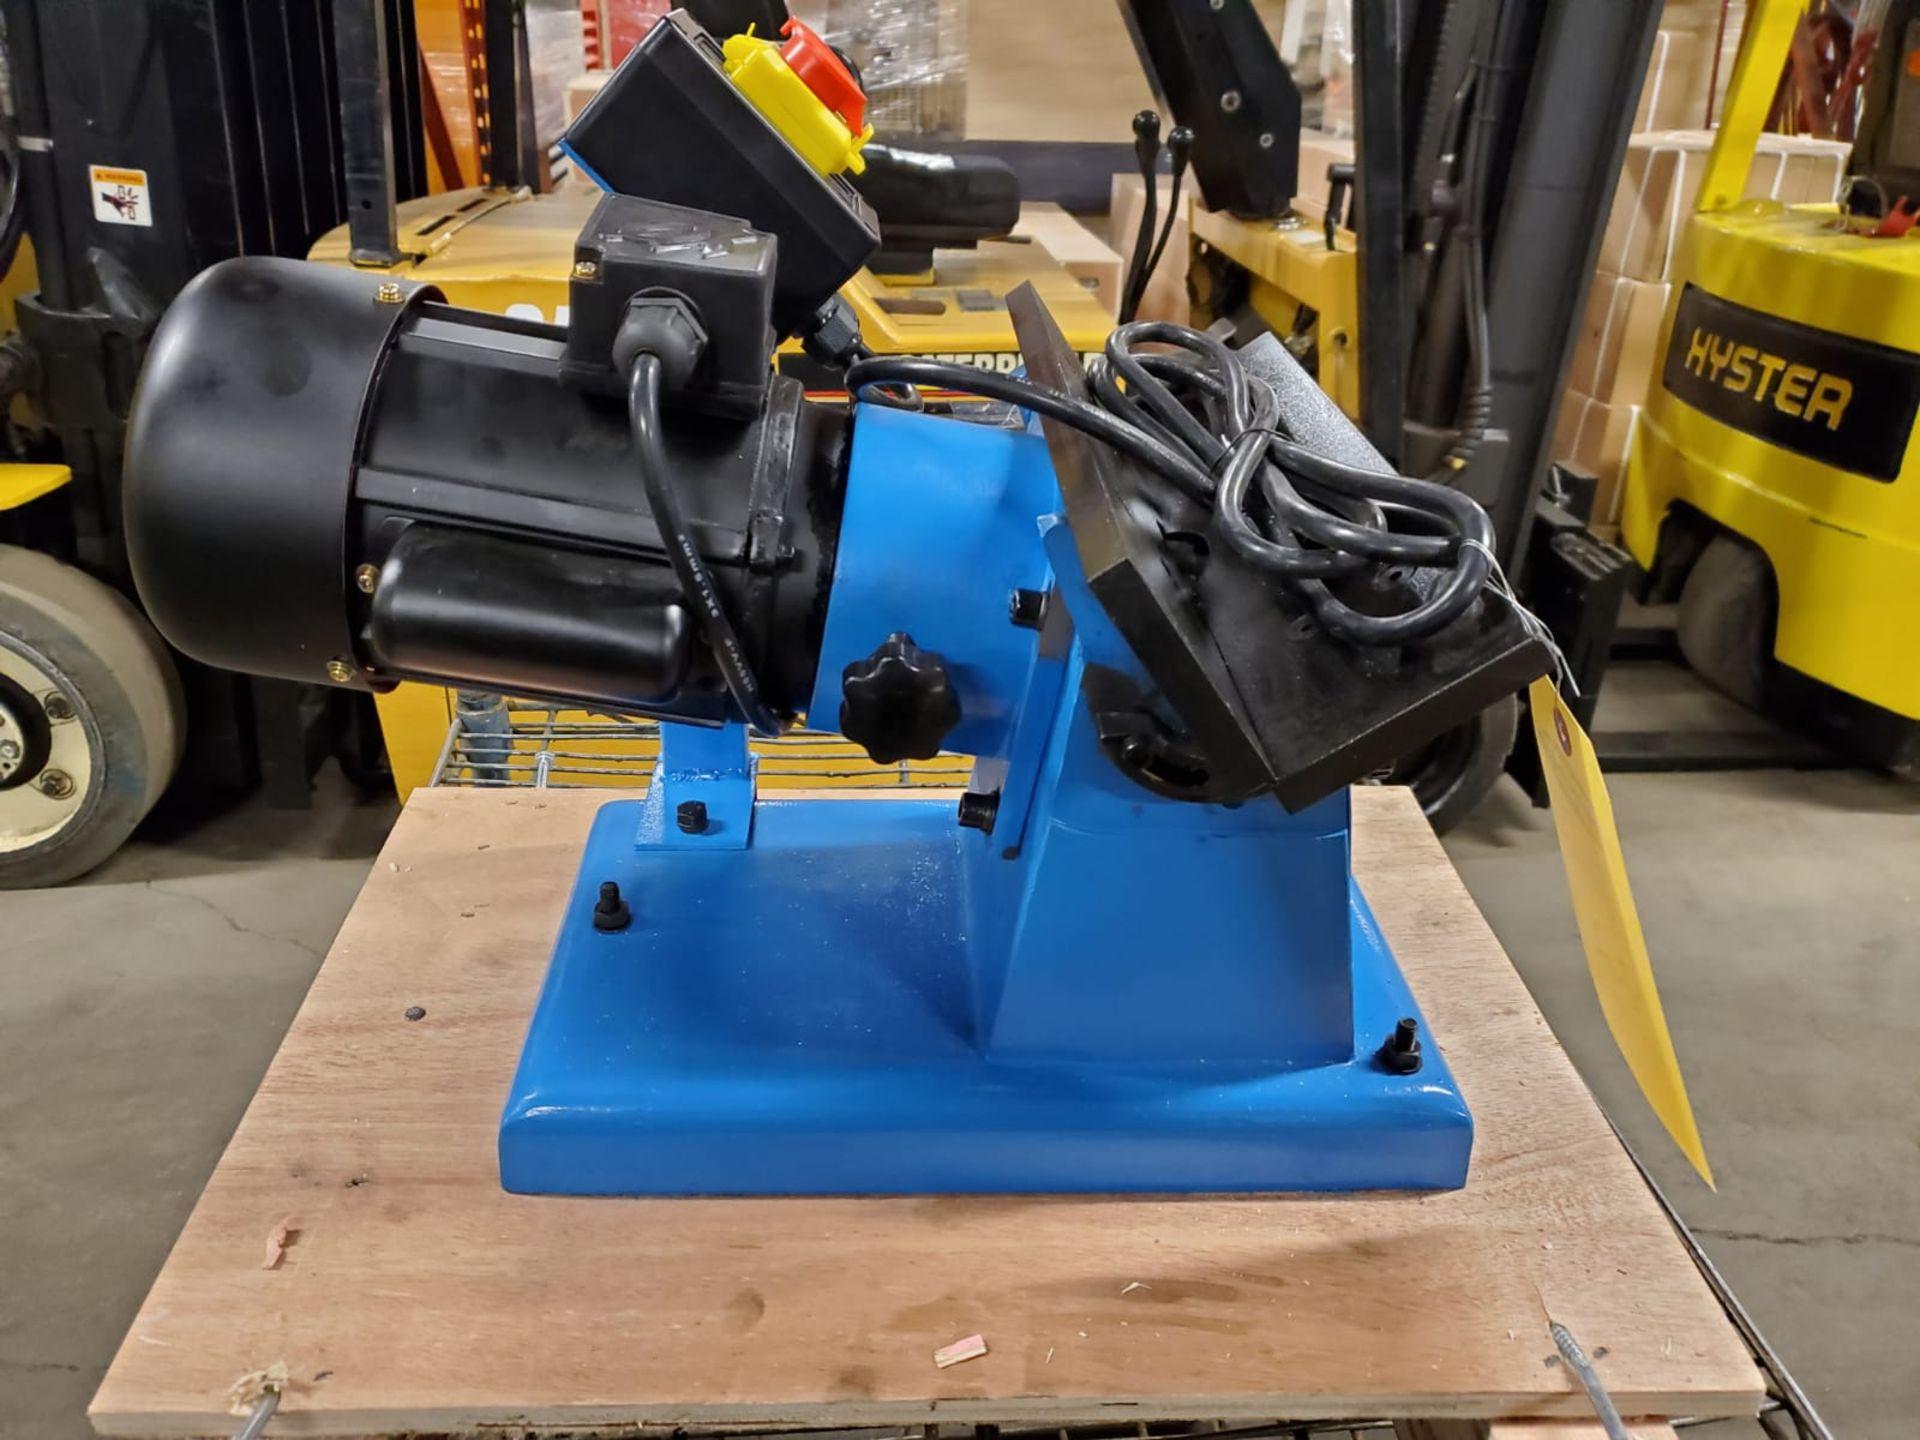 Bernardo Beveling Machine - Chamfering Beveler unit 115V 1 phase Unused MINT unit - Image 3 of 3